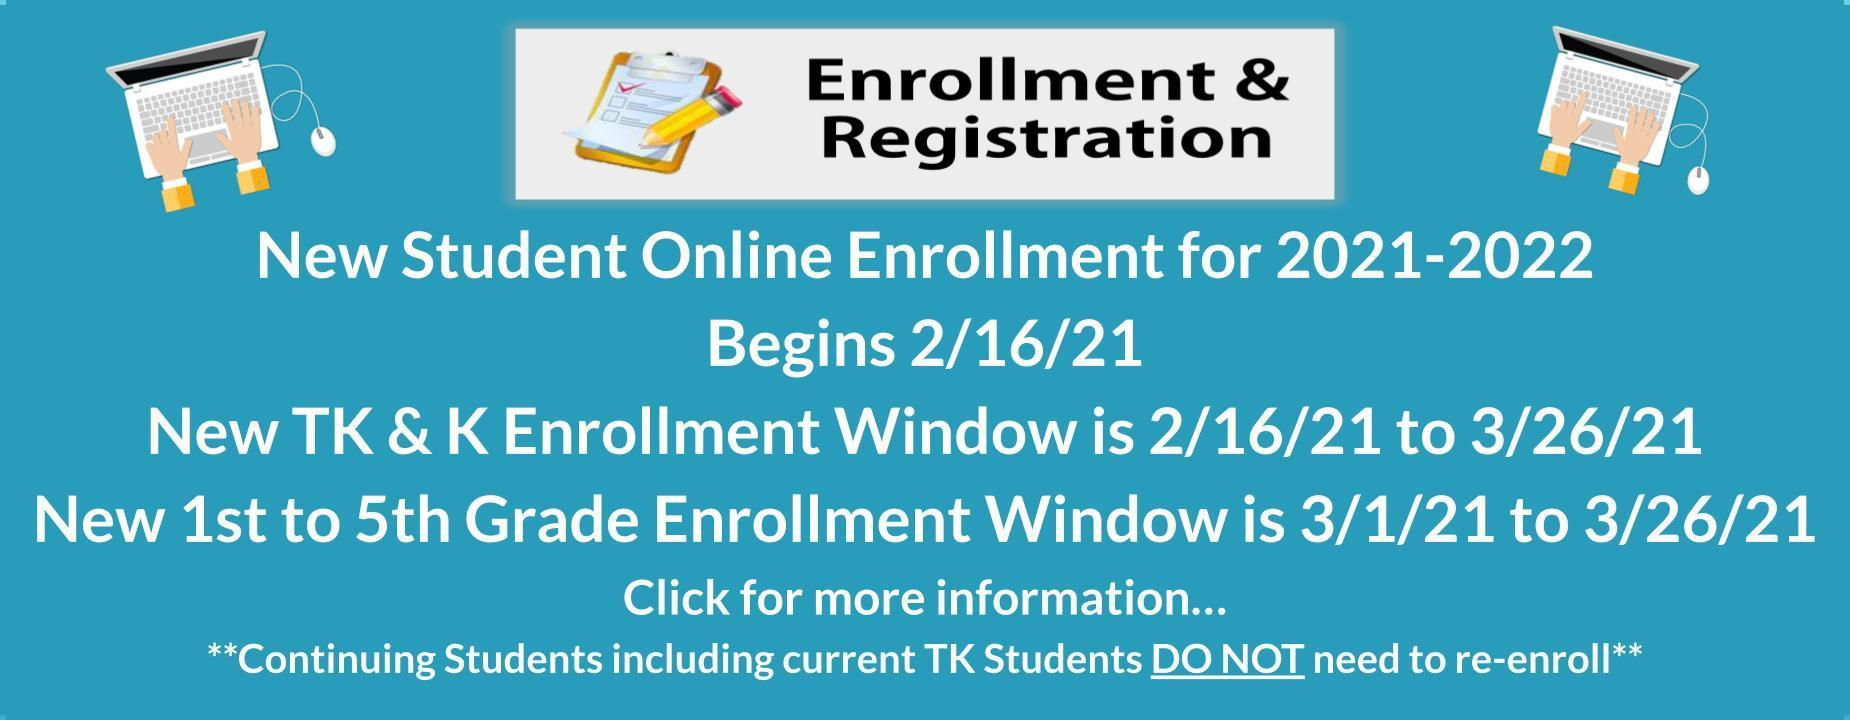 Enrollment starts 2/16/21